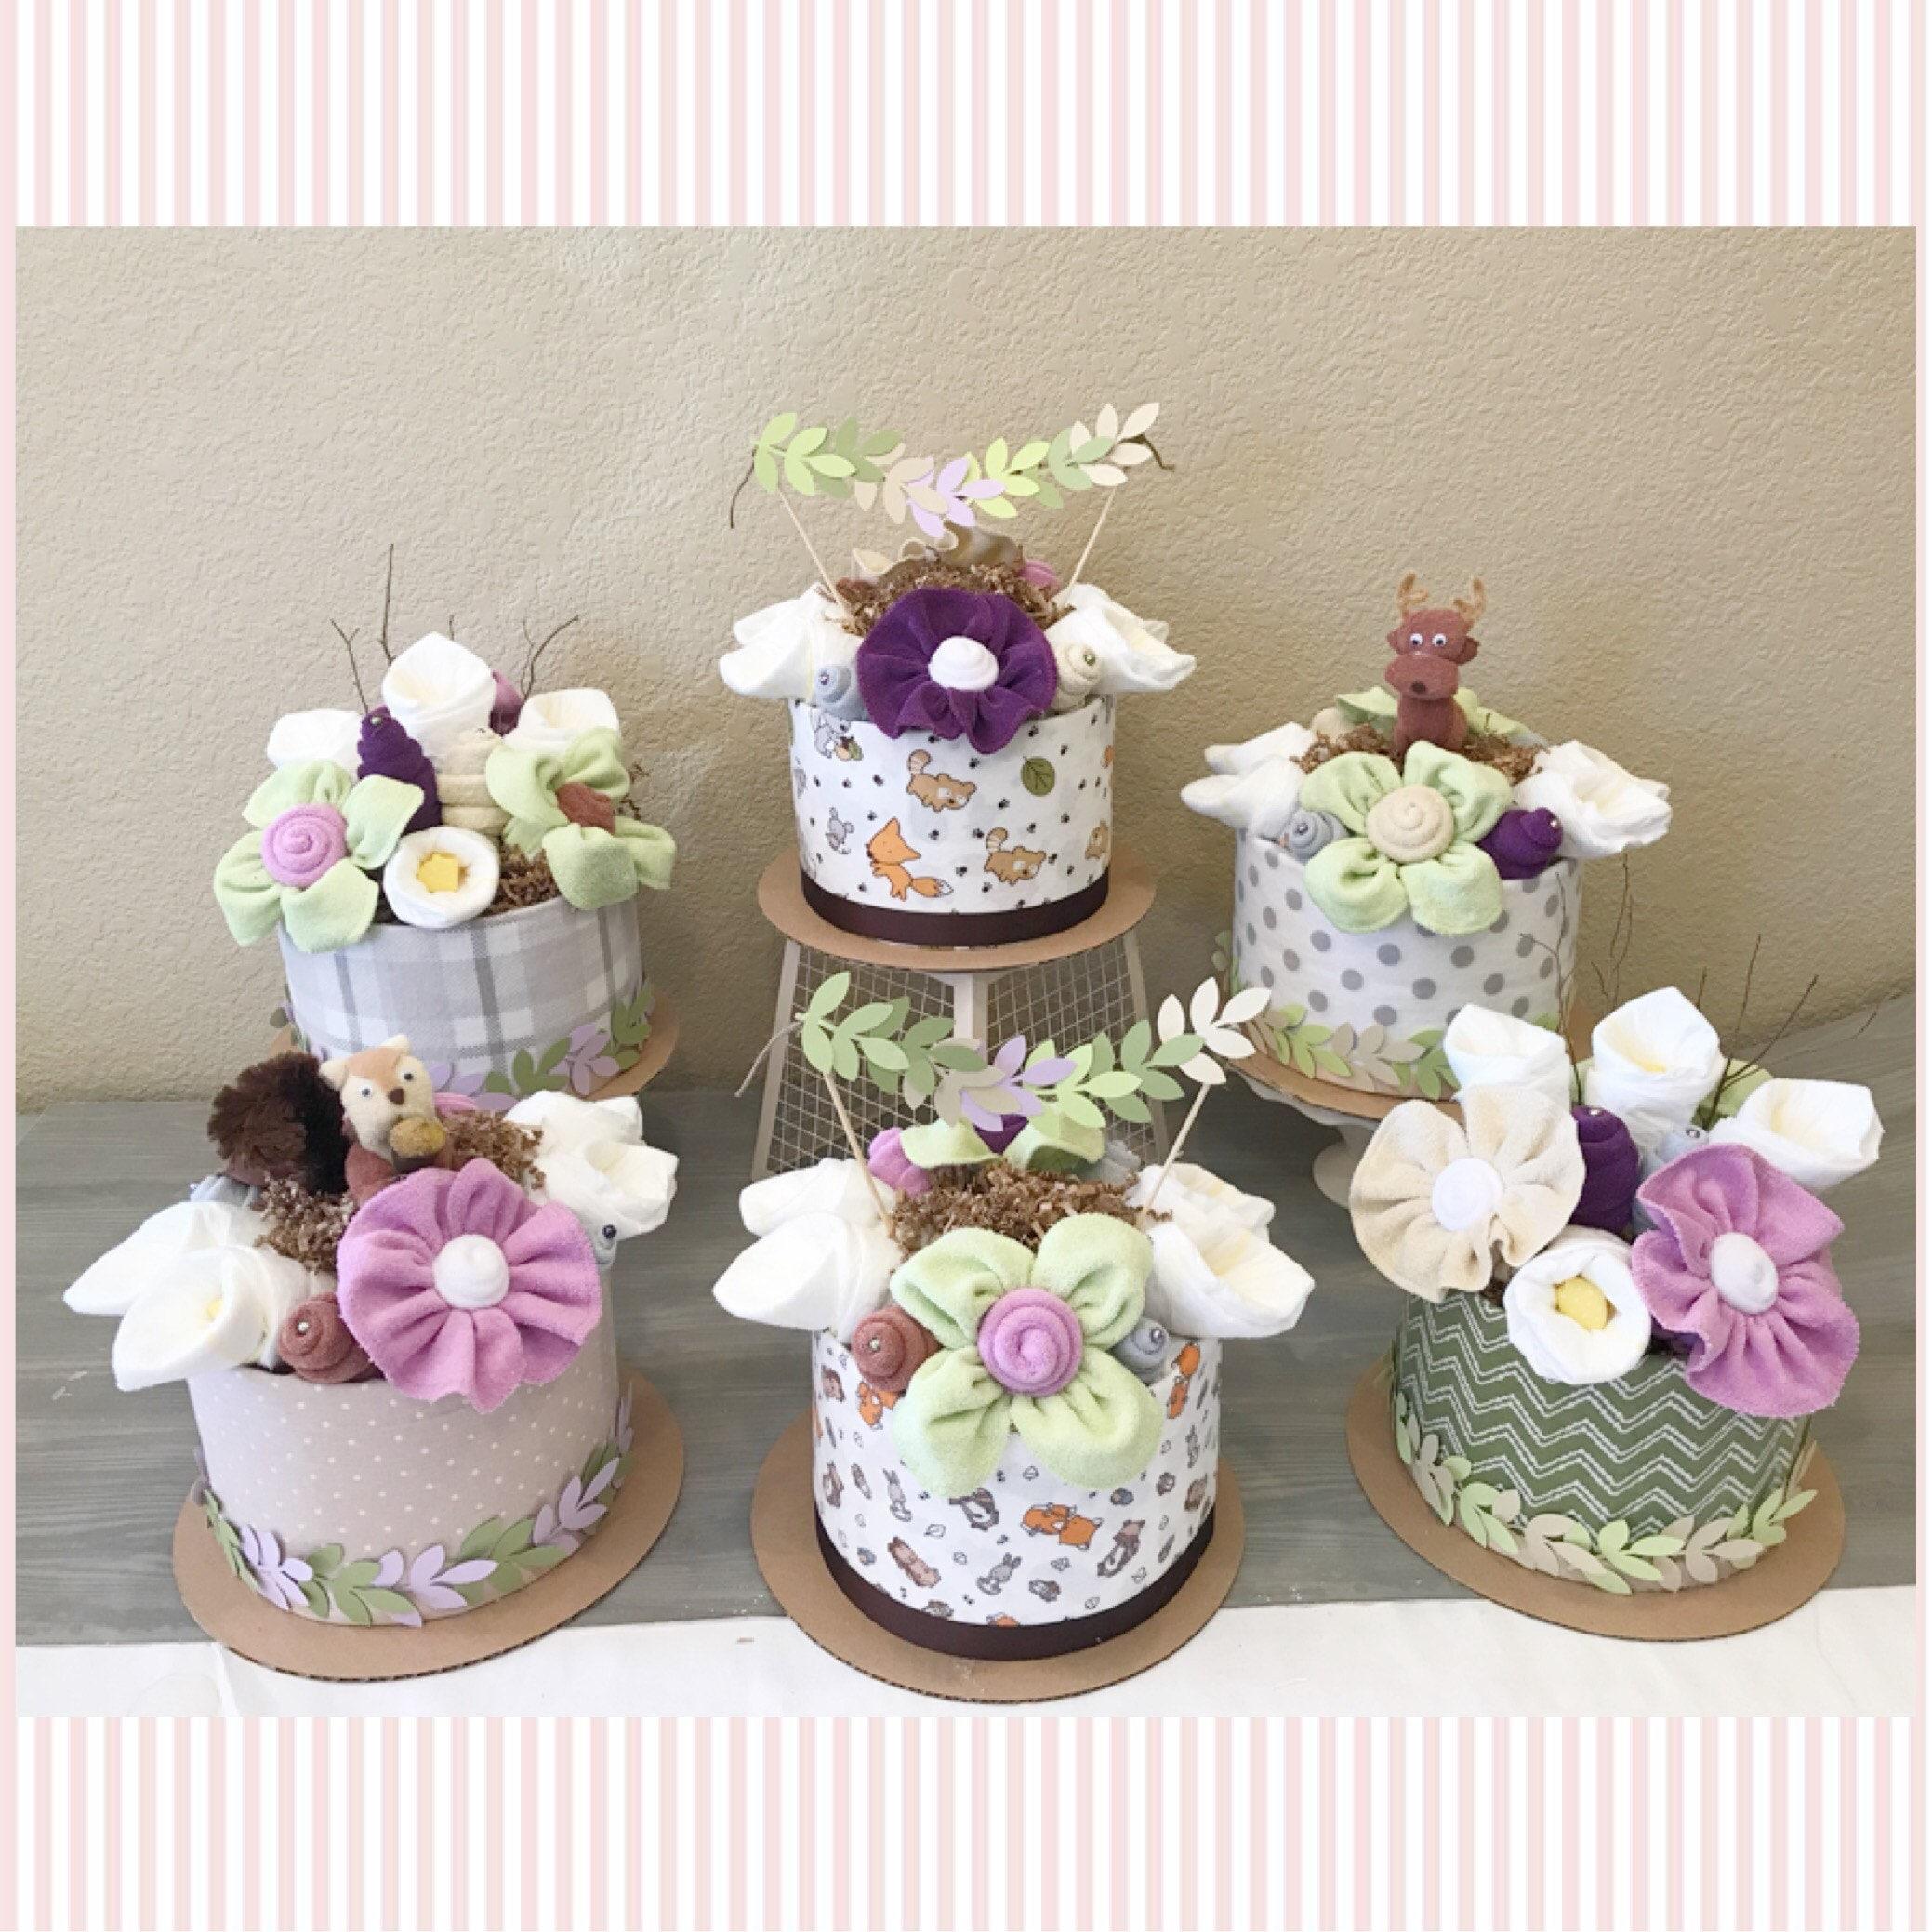 Woodland Baby Shower Centerpiece   Beige, Green And Purple Diaper Cake    Woodland Baby Shower Decor   Gender Neutral Woodland Friends Decor